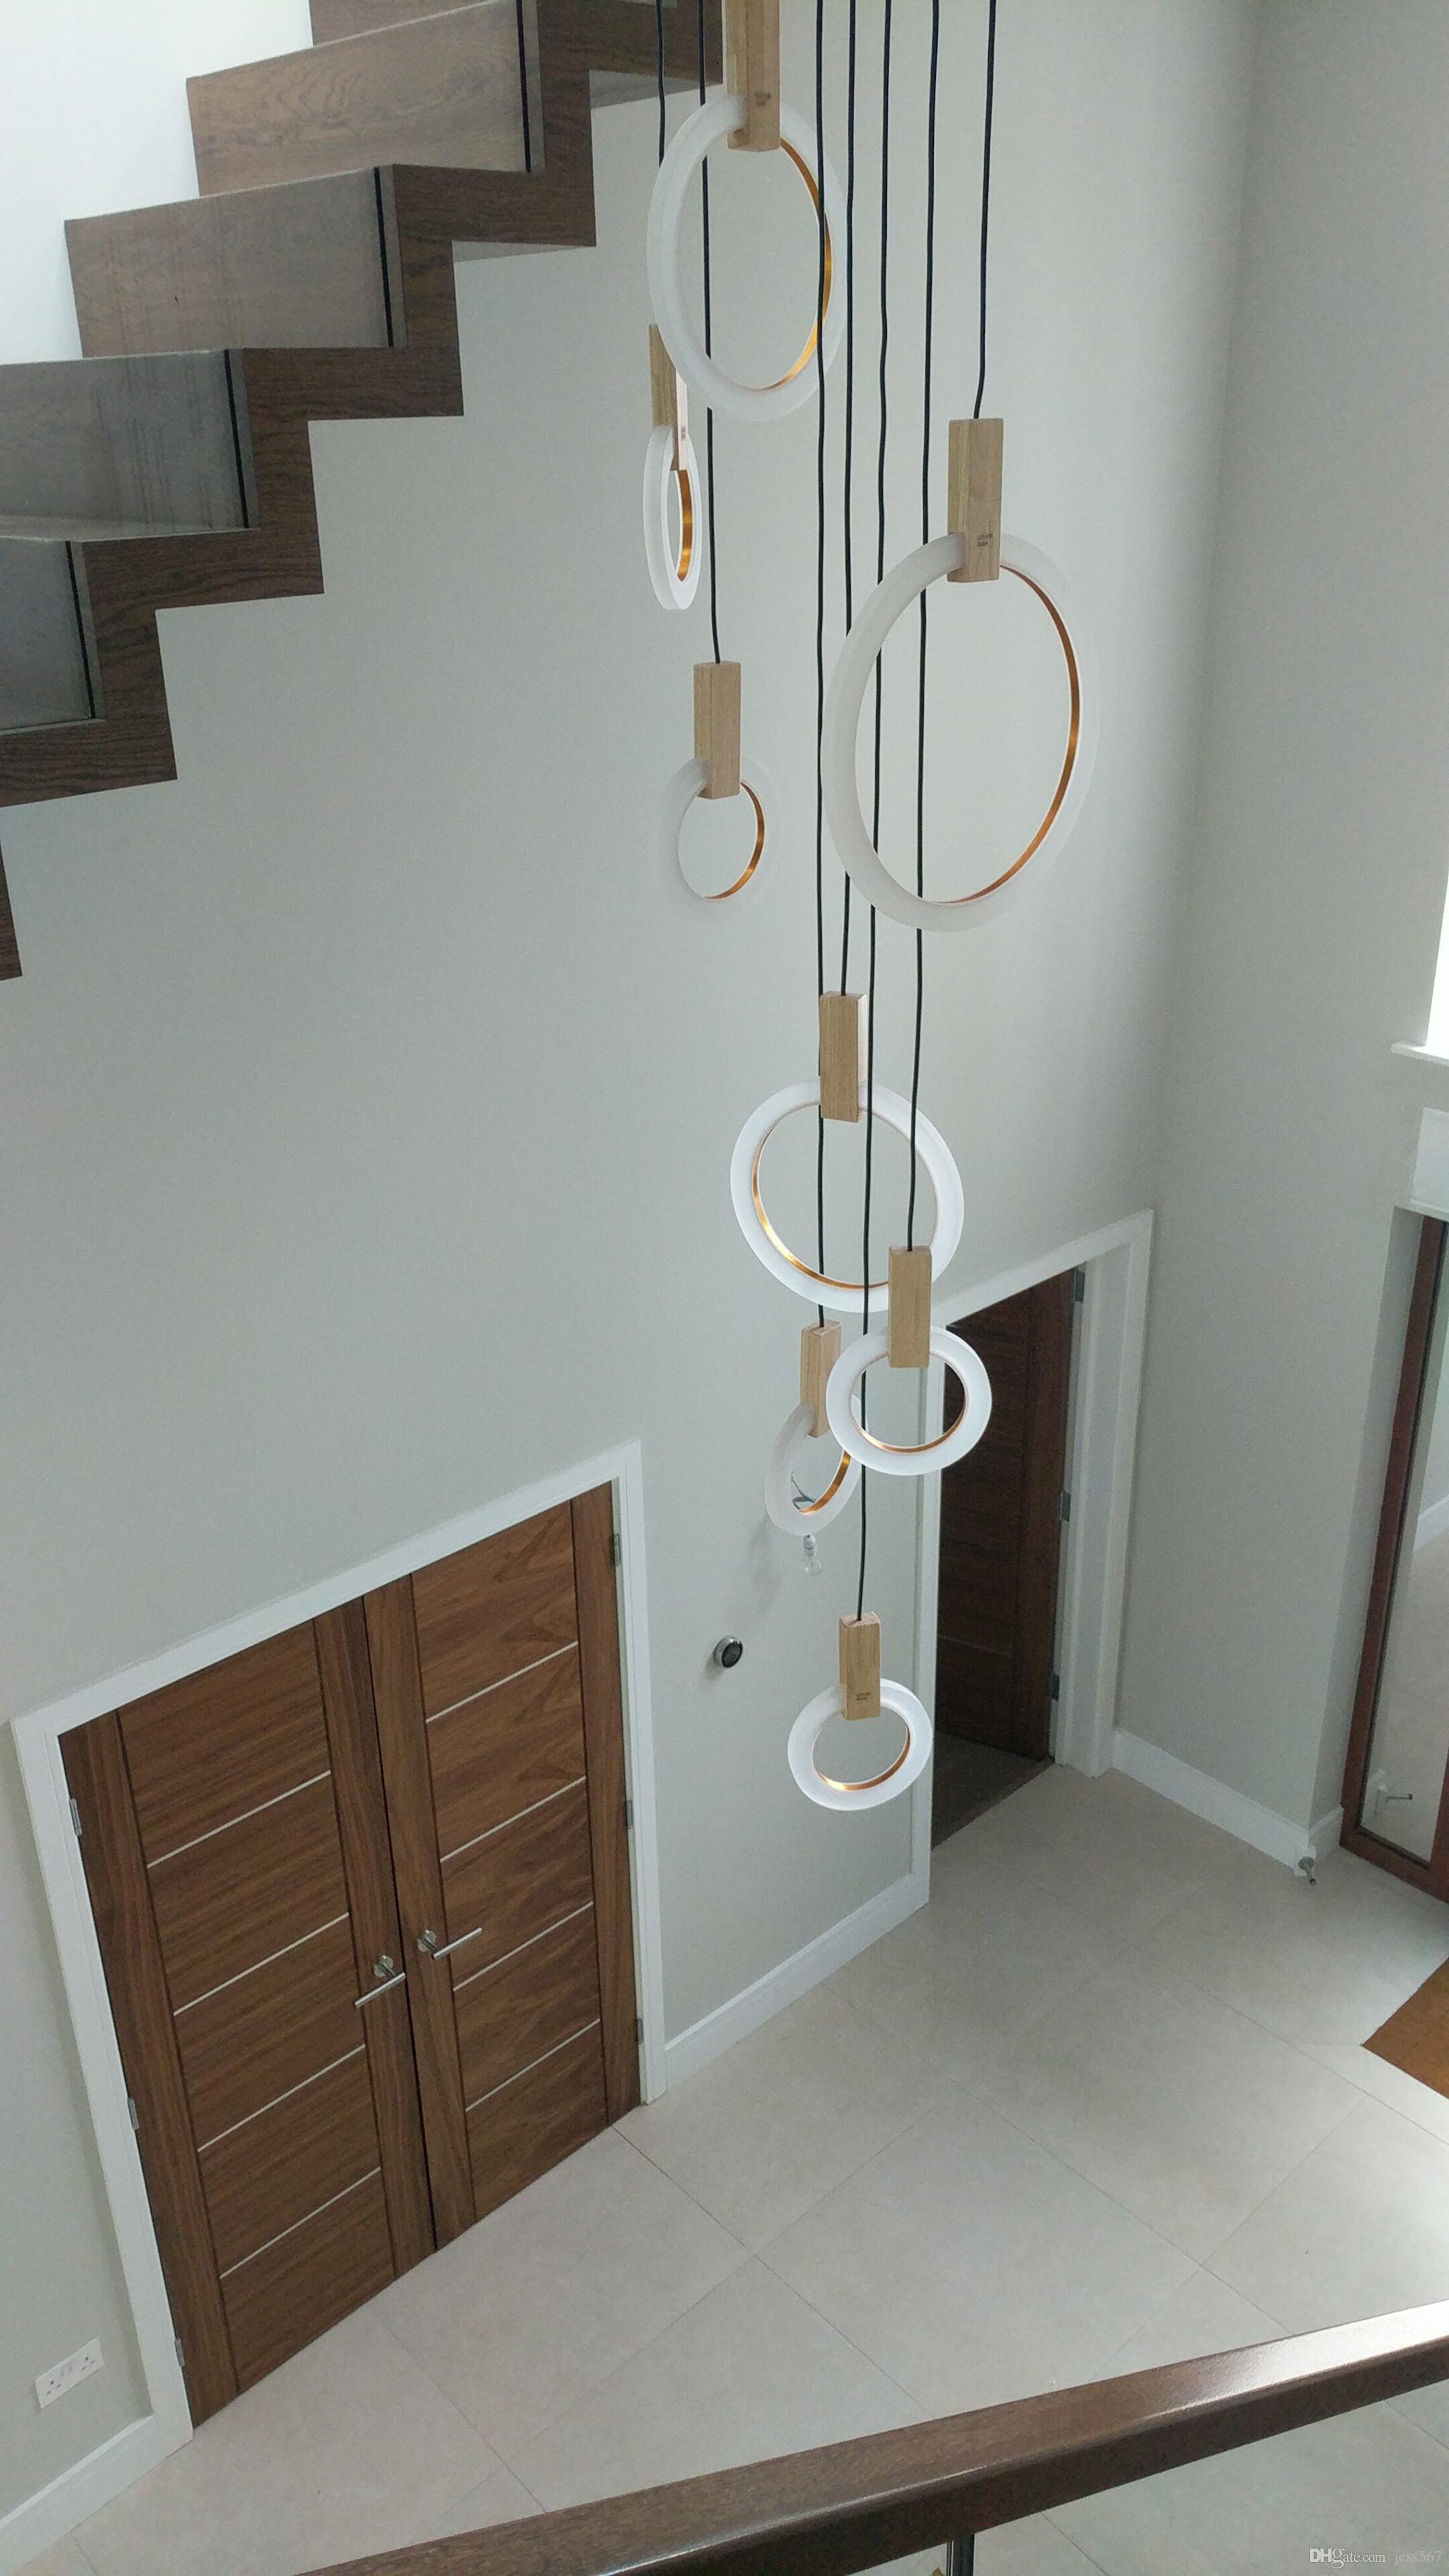 İskandinav salon tavan kolye aydınlatma Modern LED merdiven avize yatak odası Akrilik fikstürler Ahşap asılı ışıklar yüzük lambalar